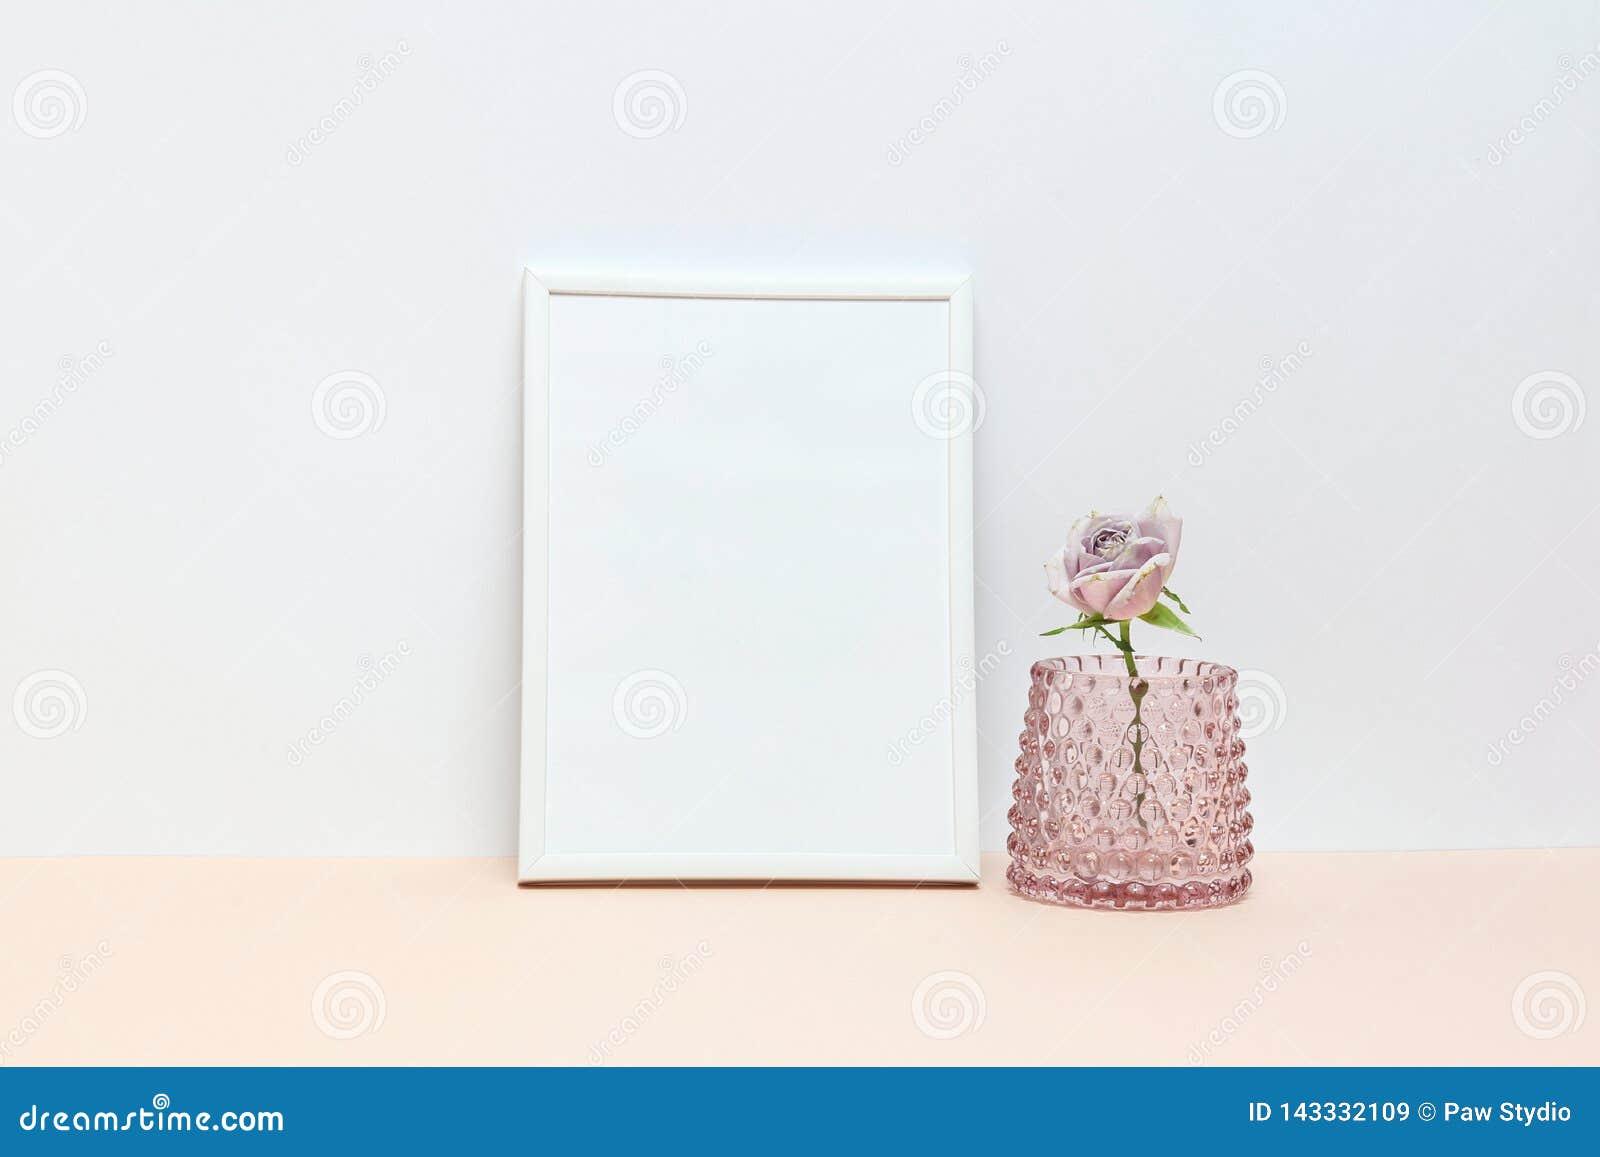 Άσπρα σύνορα και ρόδινα τριαντάφυλλα στο γραφείο